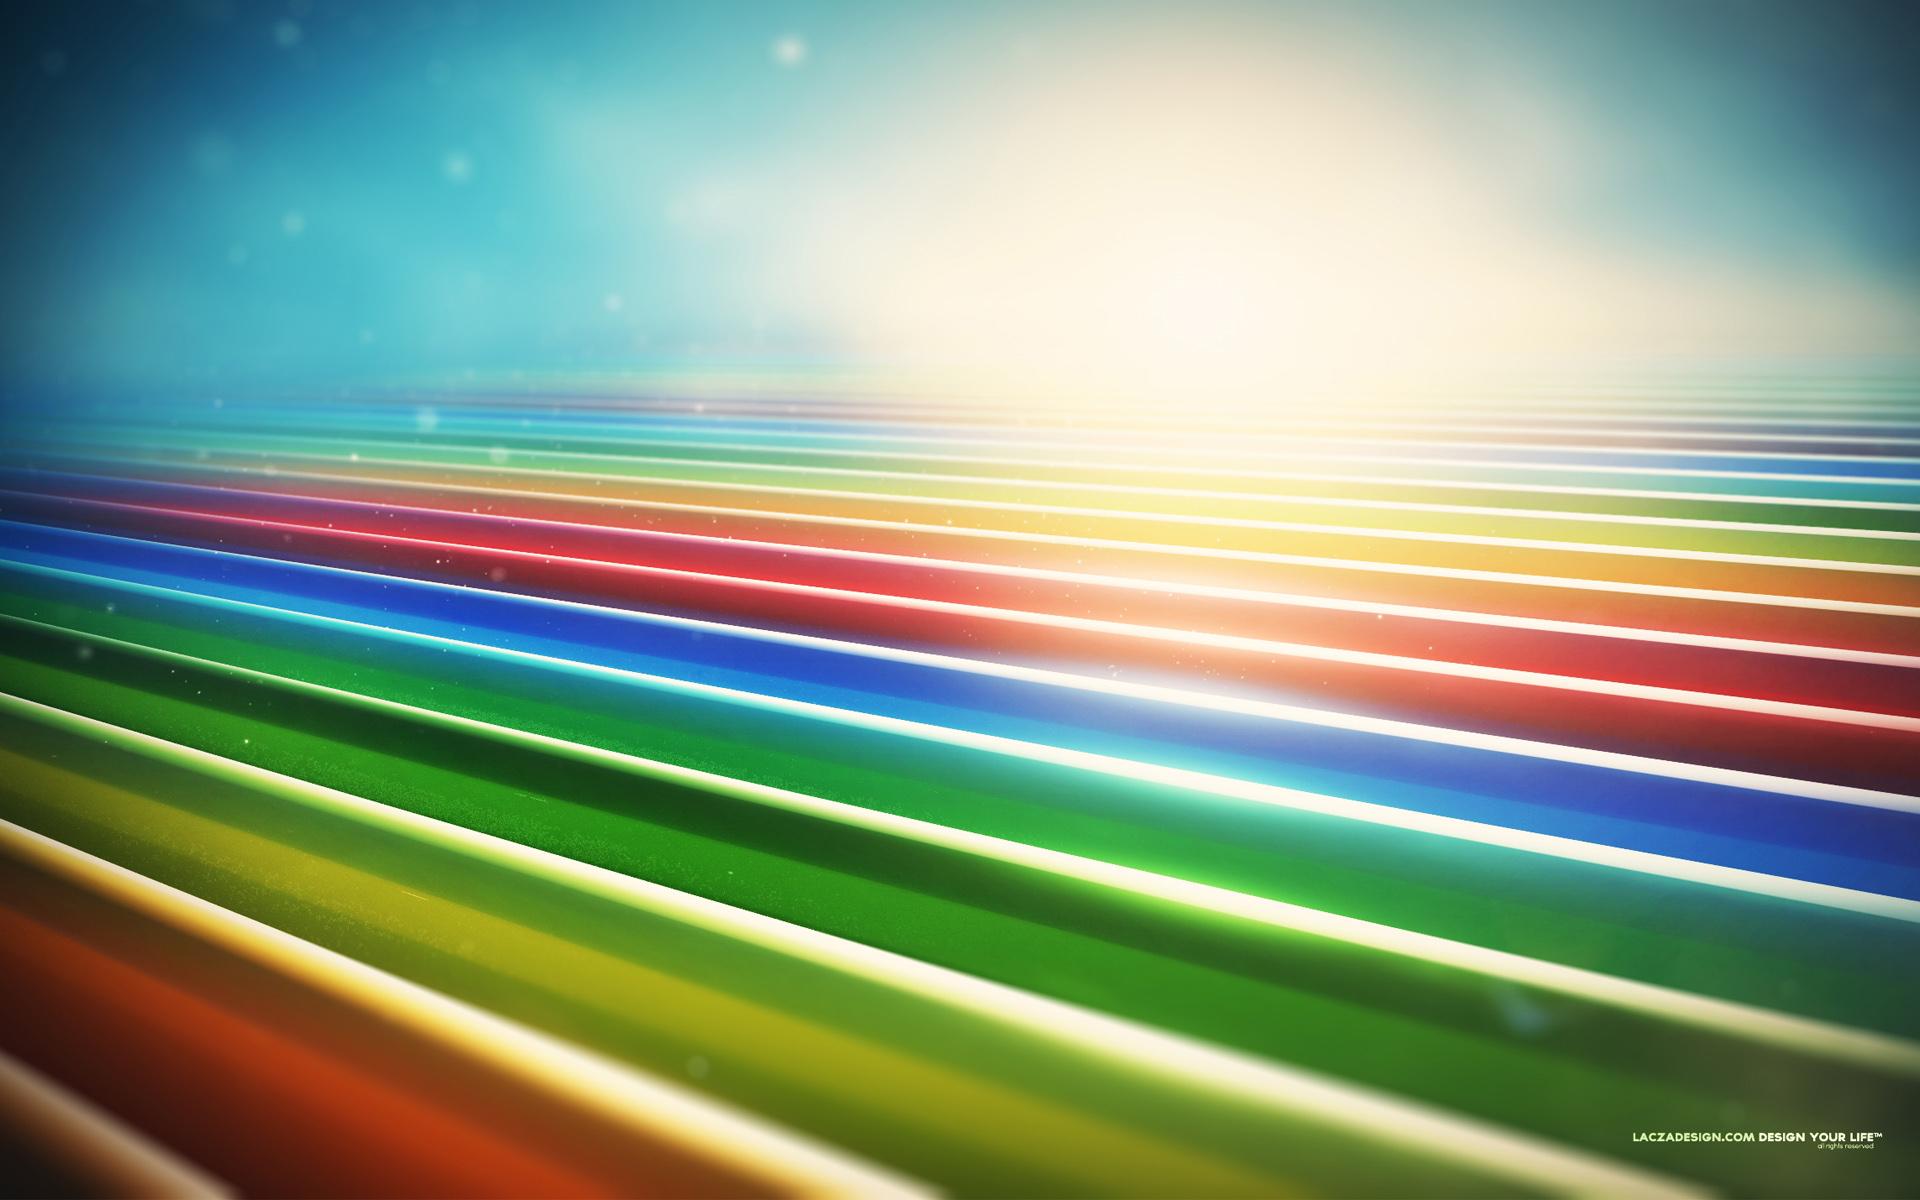 Colorful Stripes HD Desktop Wallpaper HD Desktop Wallpaper 1920x1200